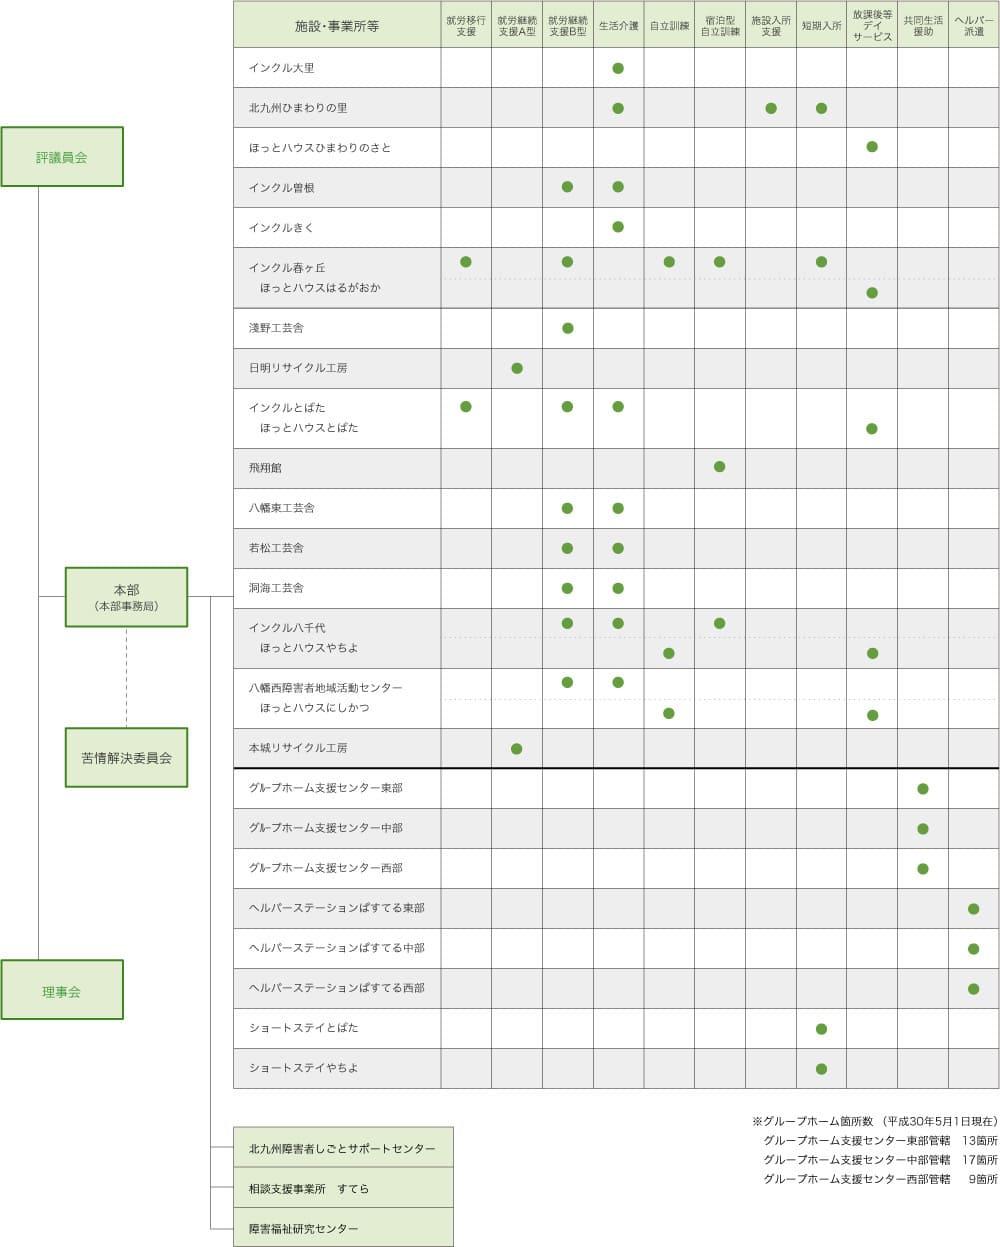 社会福祉法人 北九州市手をつなぐ育成会の組織図です。